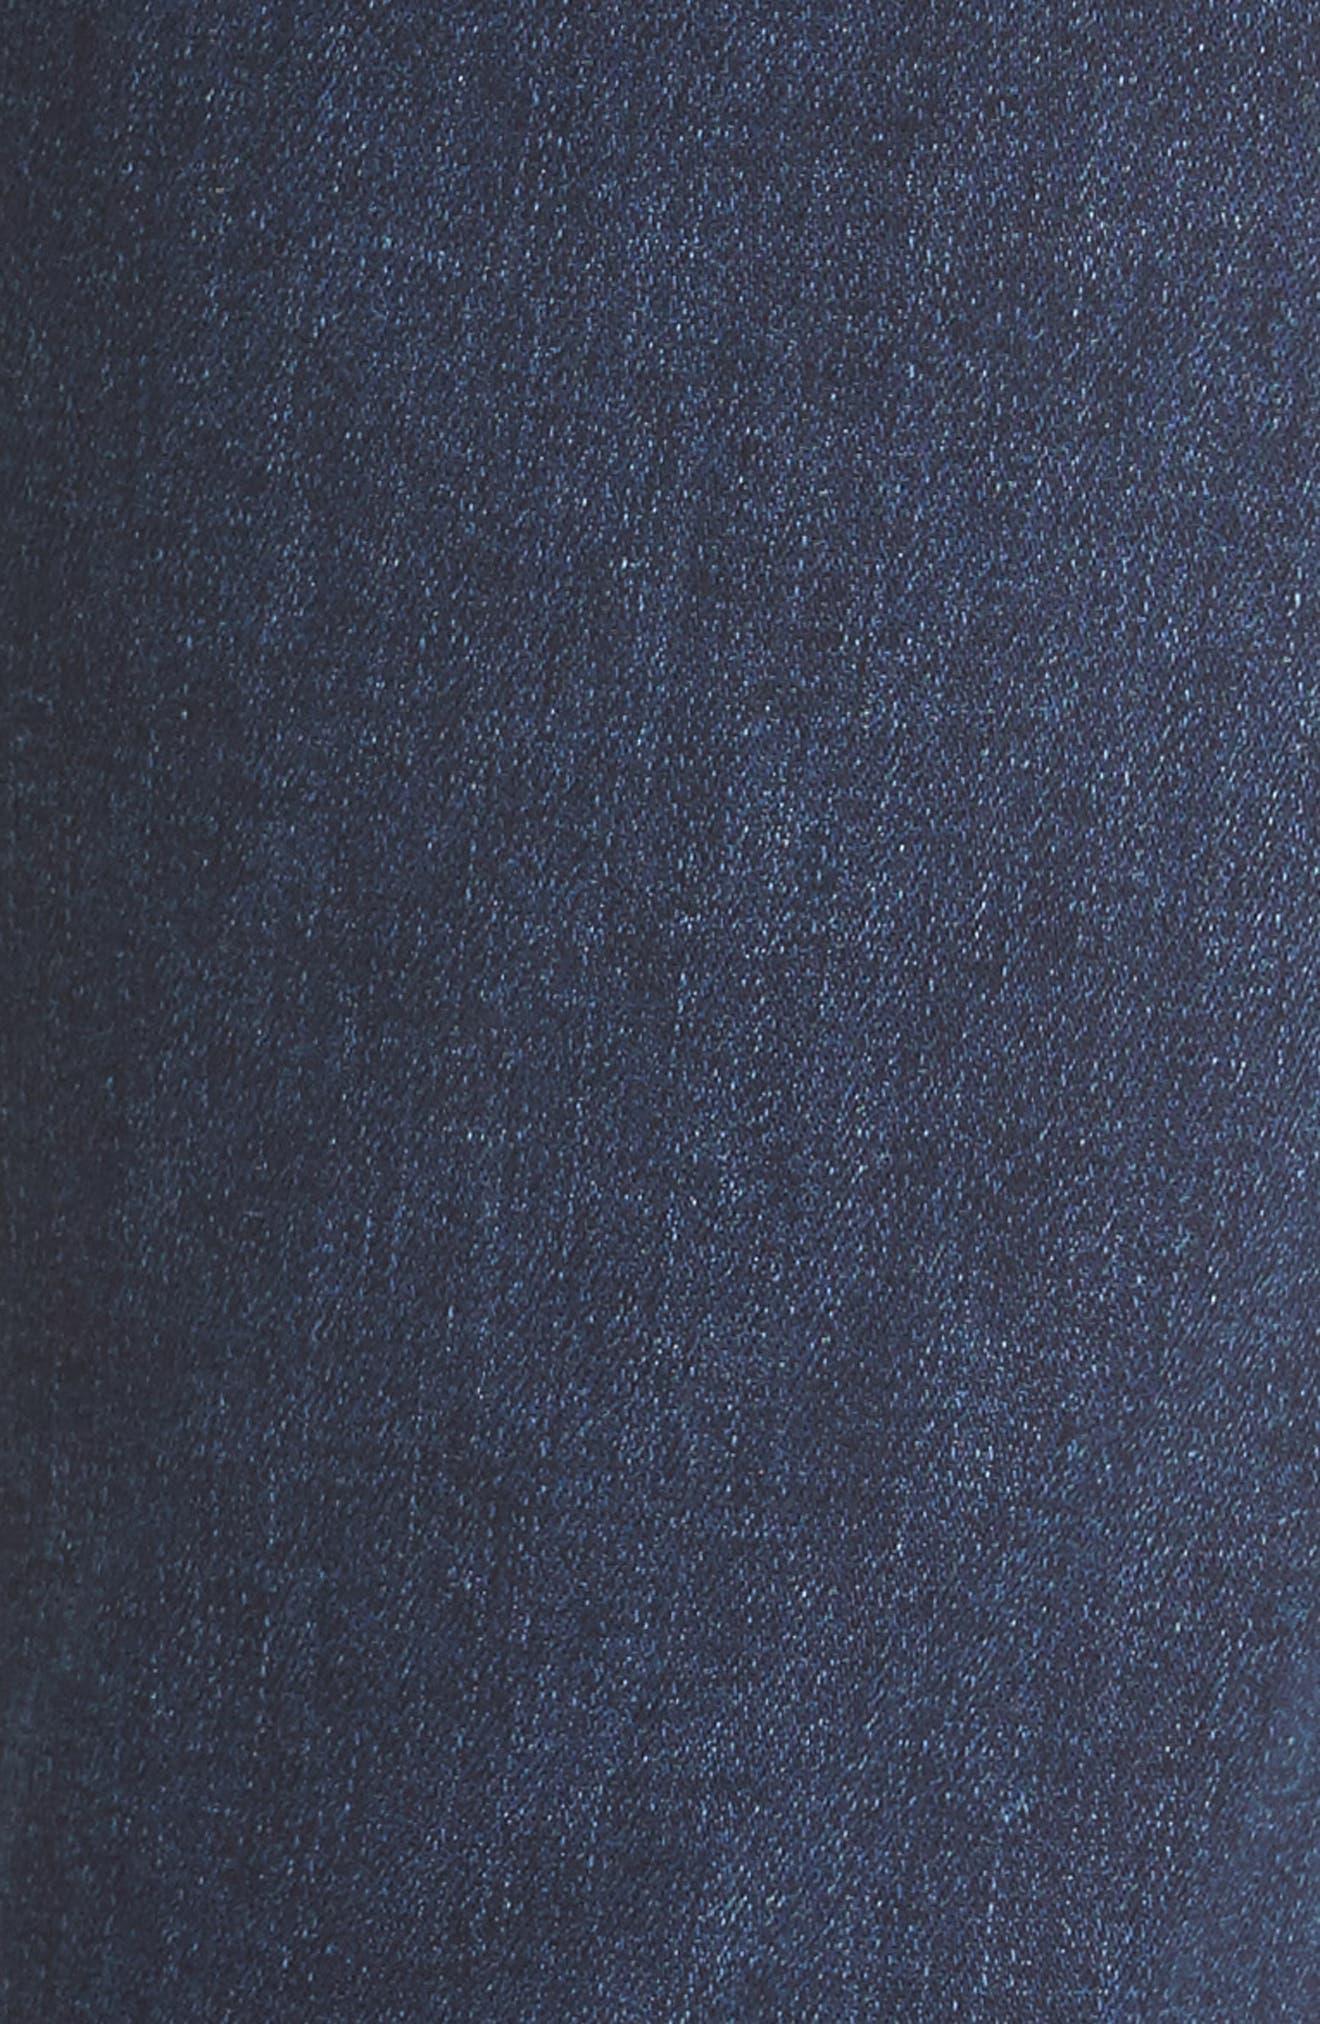 Crop Bootcut Jeans,                             Alternate thumbnail 5, color,                             Stunning Bleeker 3- Stu3